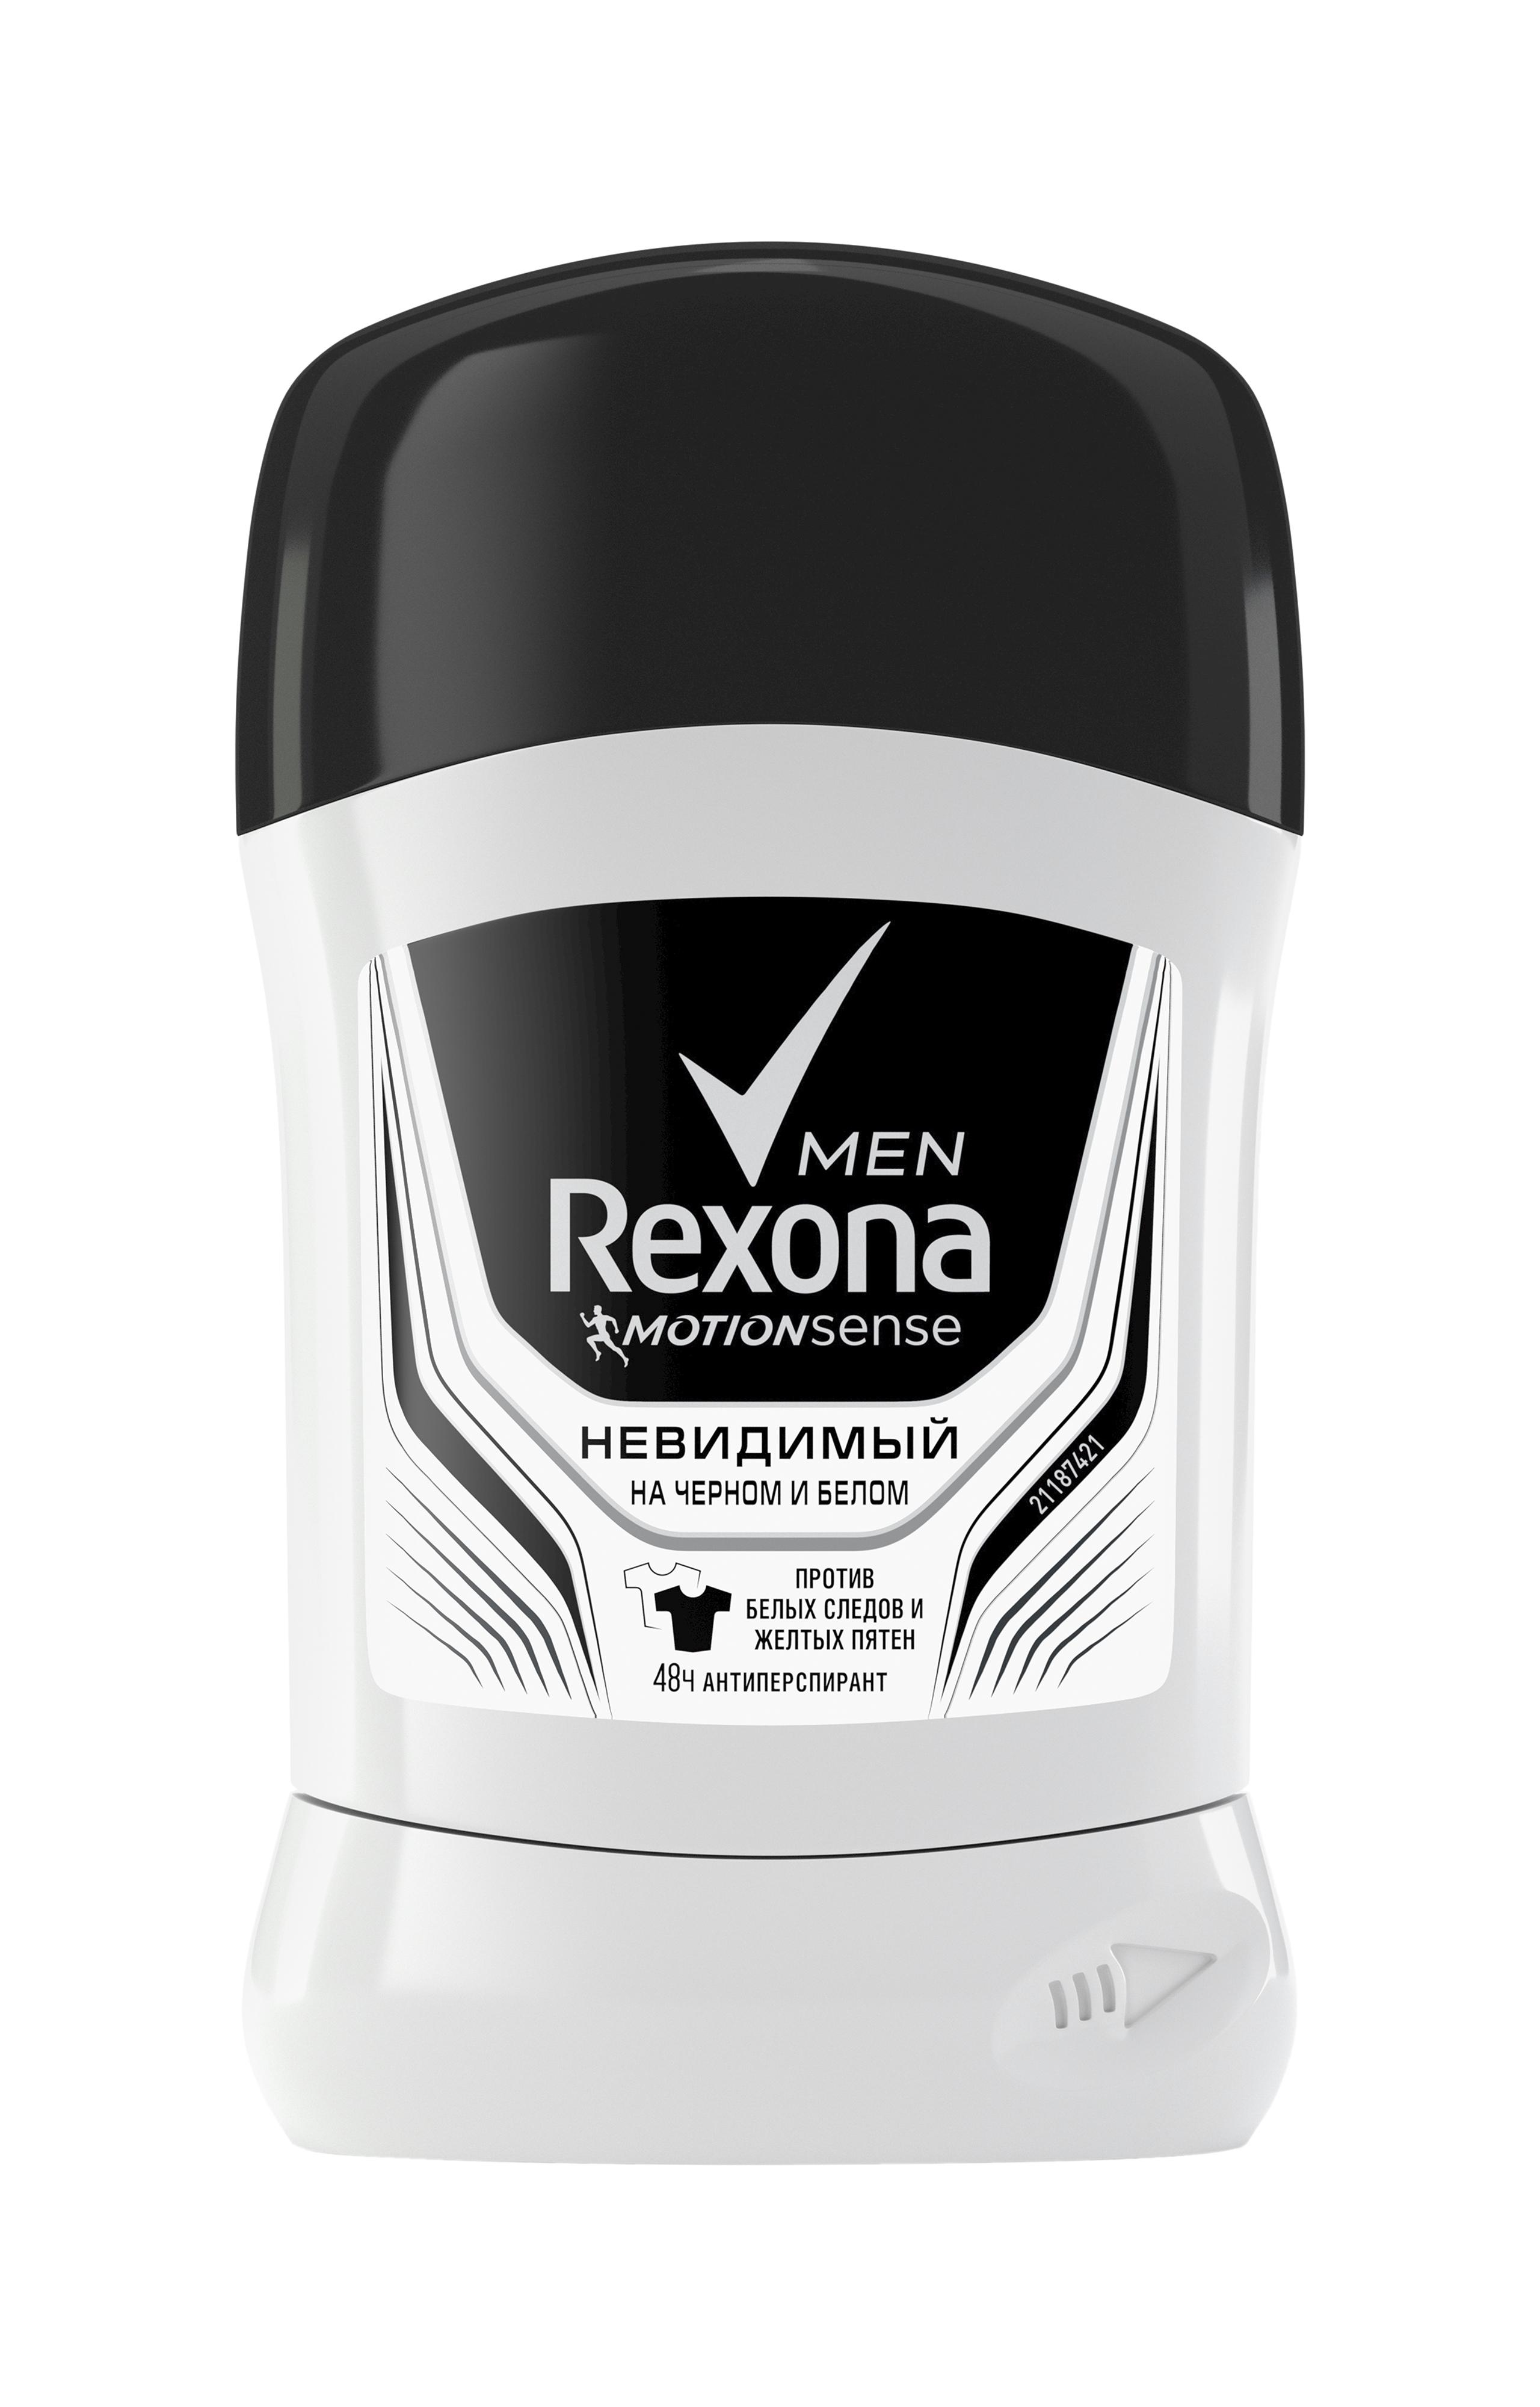 Rexona Men Motionsense Антиперспирант карандаш Невидимый на черном и белом 50 мл67003492Лучшая защита от пятен с ароматом фужерных и древесных ноток